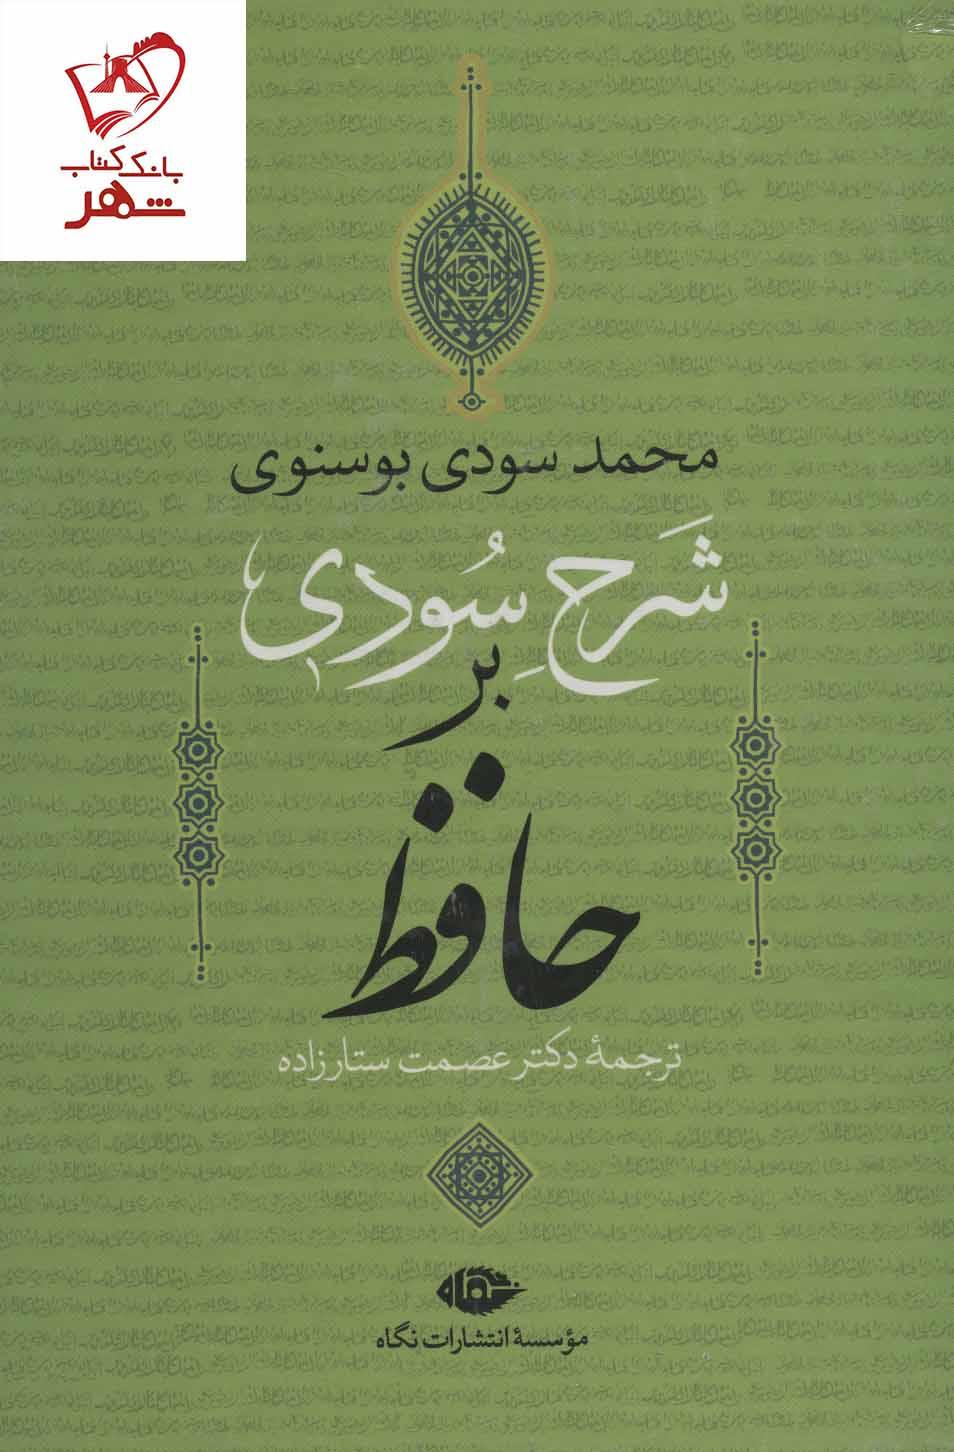 خرید کتاب شرح سودی بر حافظ (چهار جلدی قابدار) نشر نگاه